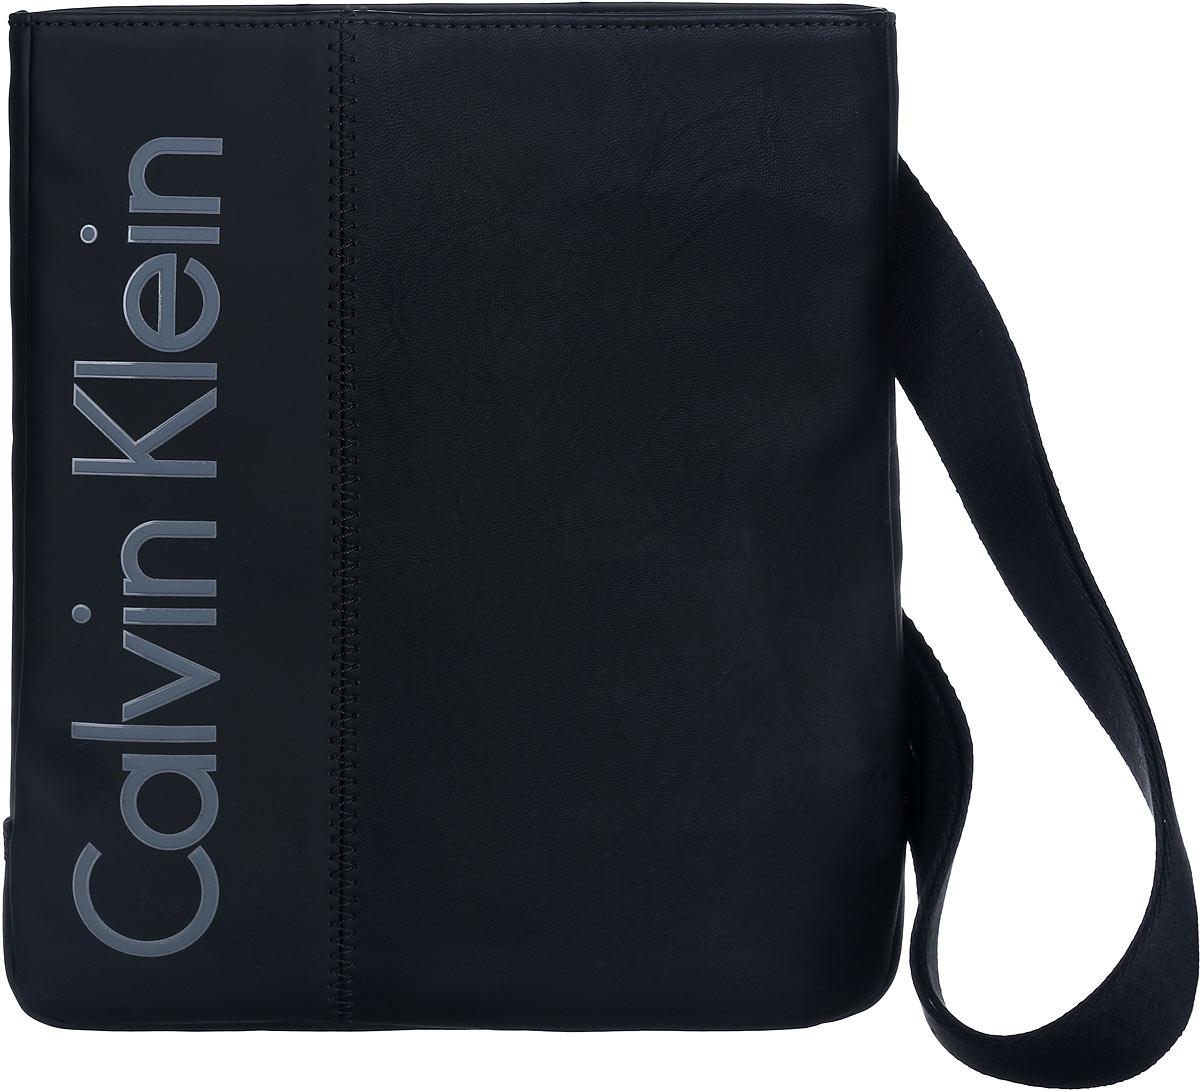 Сумка мужская Calvin Klein Jeans, цвет: черный. K50K501611_0010K50K501611_0010Стильная сумка Calvin Klein выполнена из полиуретана и хлопка, оформлена символикой бренда. Изделие содержит одно отделение, которое закрывается на застежку-молнию. Внутри сумки размещены накладной кармашек для мелочей и врезной карман на застежке-молнии. Сумка оснащена плечевым ремнем регулируемой длины. В комплекте с изделием поставляется чехол для хранения. Модная сумка идеально подчеркнет ваш неповторимый стиль.